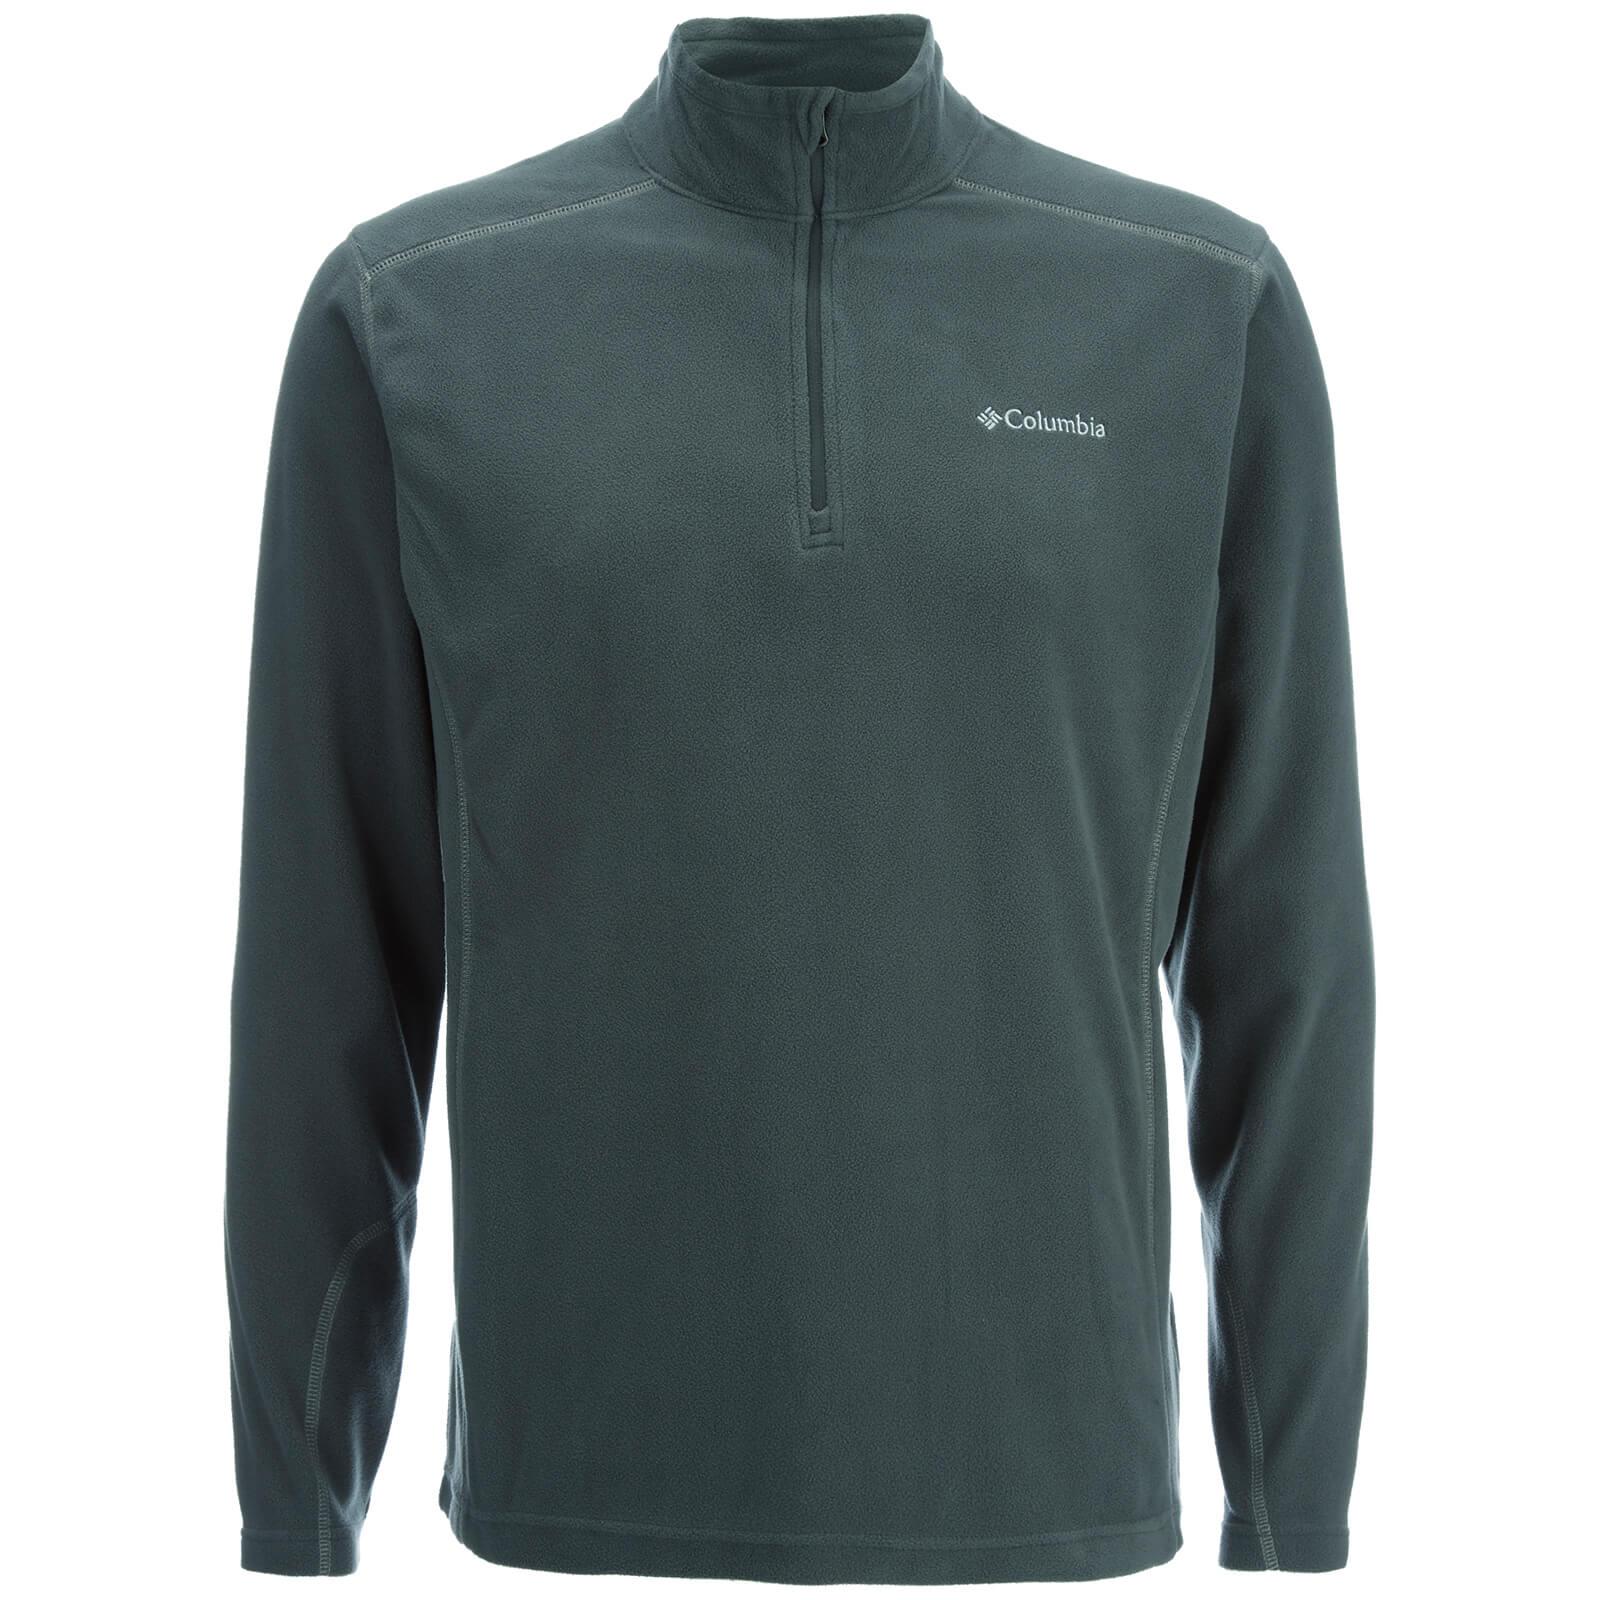 Columbia Men's Klamath Range 2 Half Zip Fleece - Grill - XL - Grey